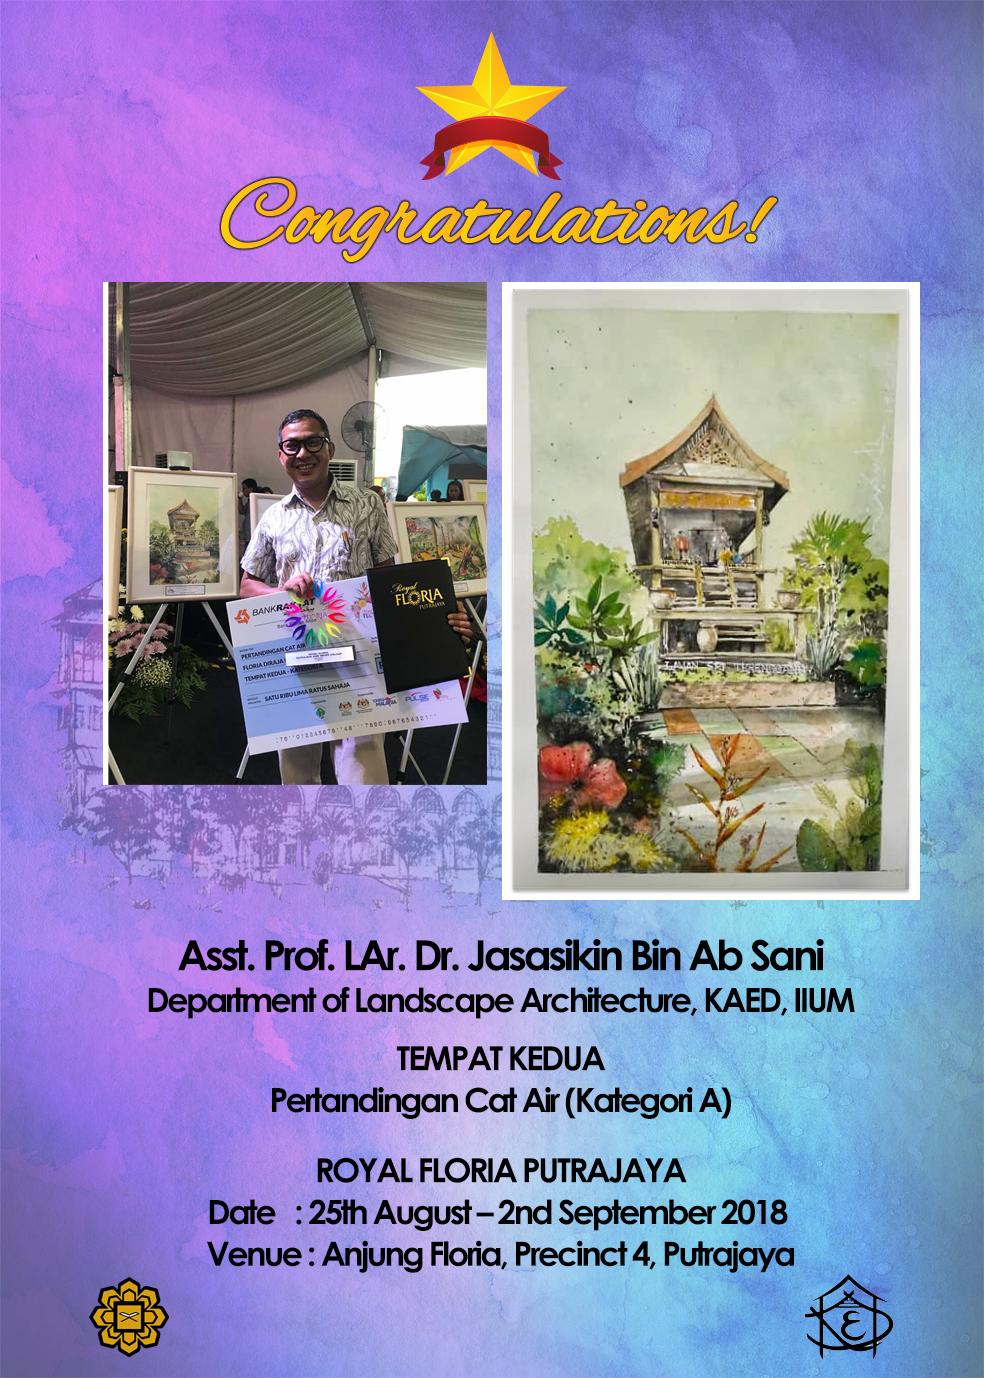 Congratulations Dr. Jasa